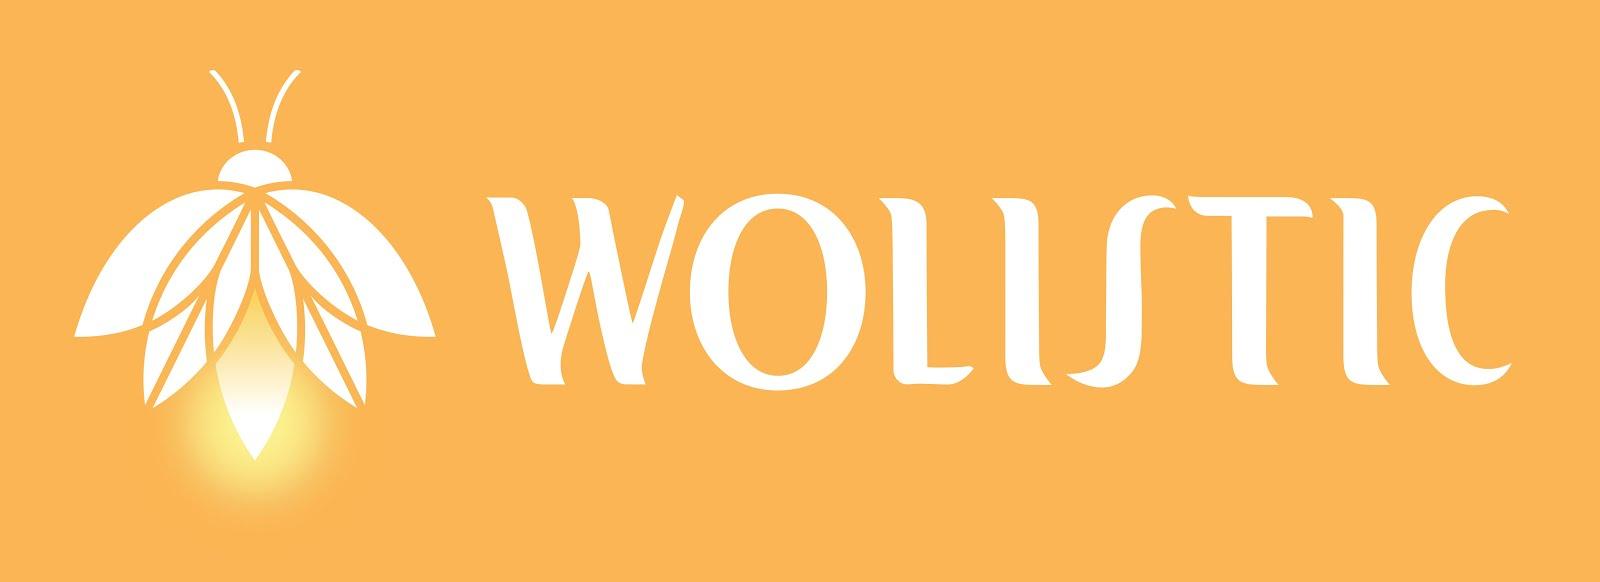 Wolistic